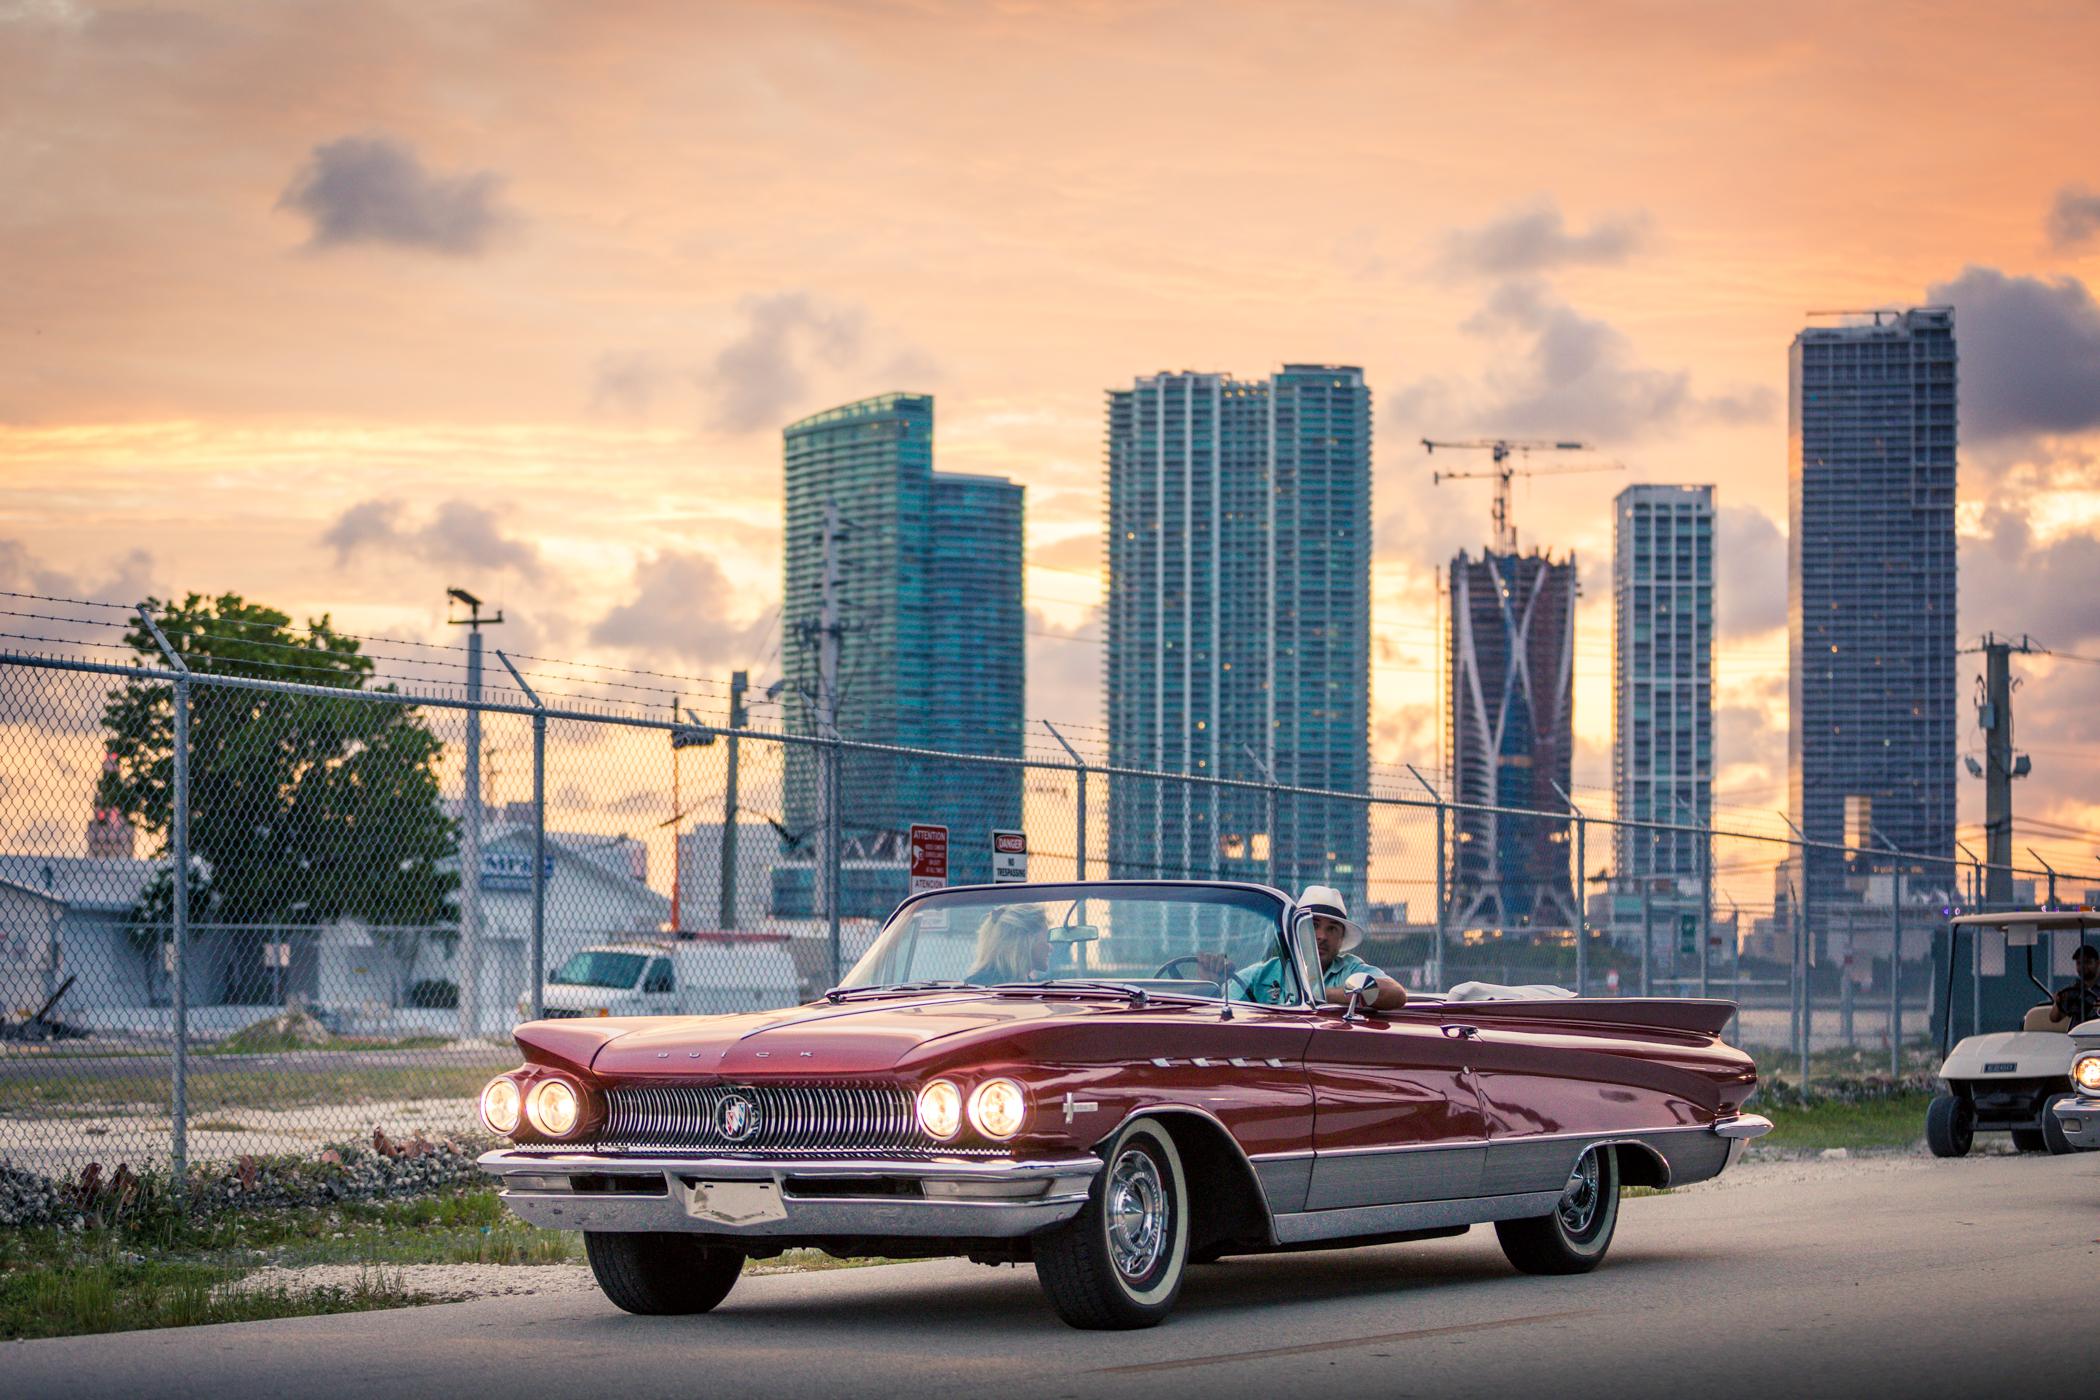 Miami Rent A Car >> Classic Car Collection - American Dream Tour Miami